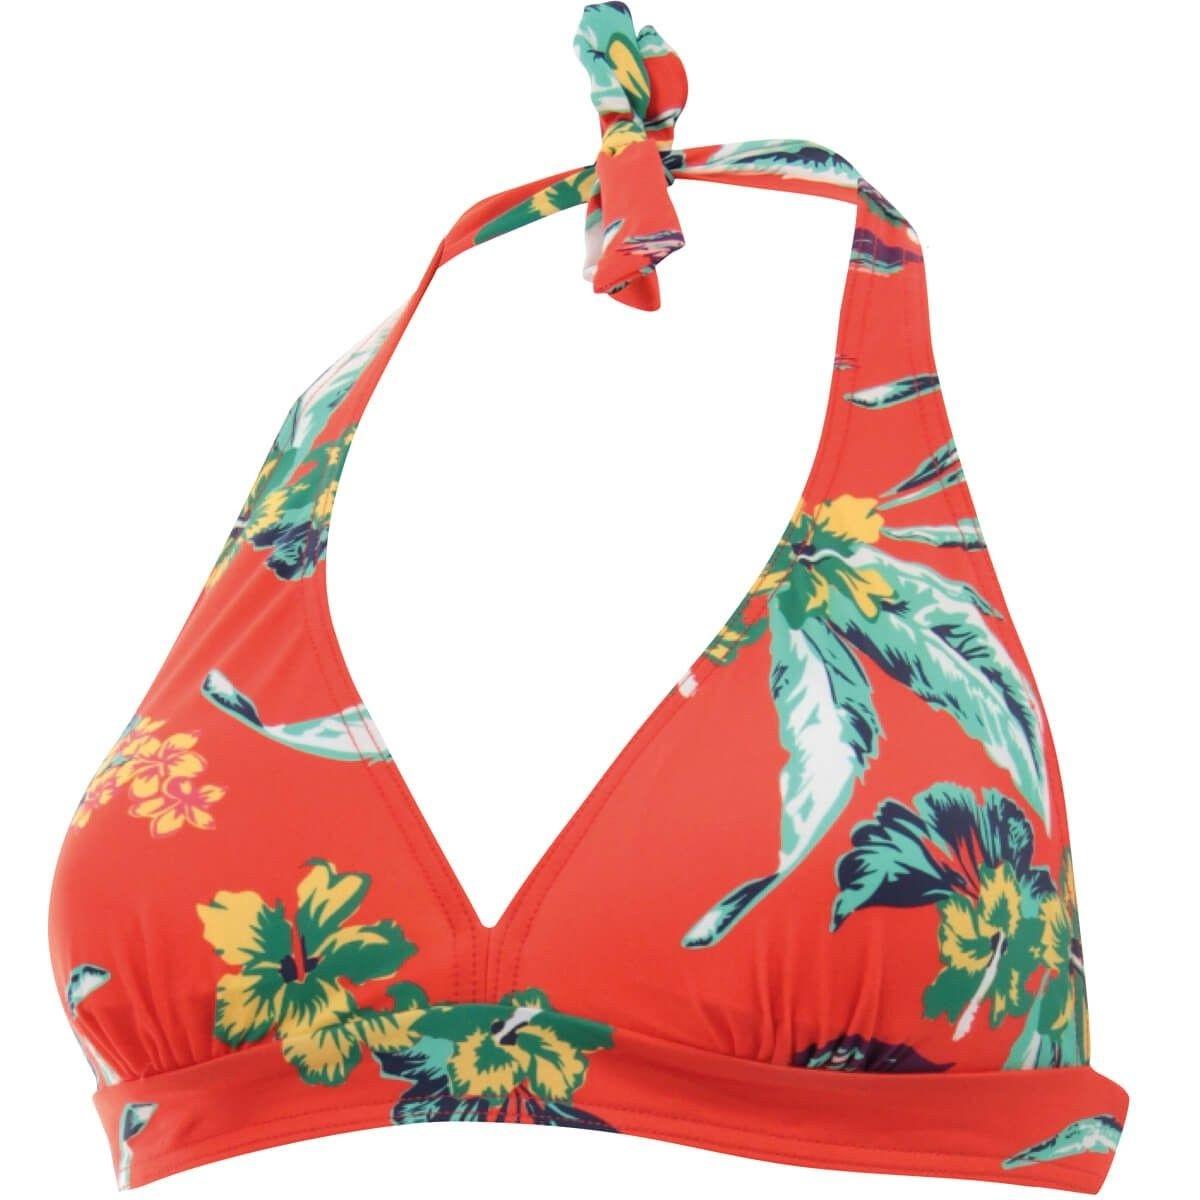 Haut de maillot de bain Triangle foulard mousse amovible Tropic